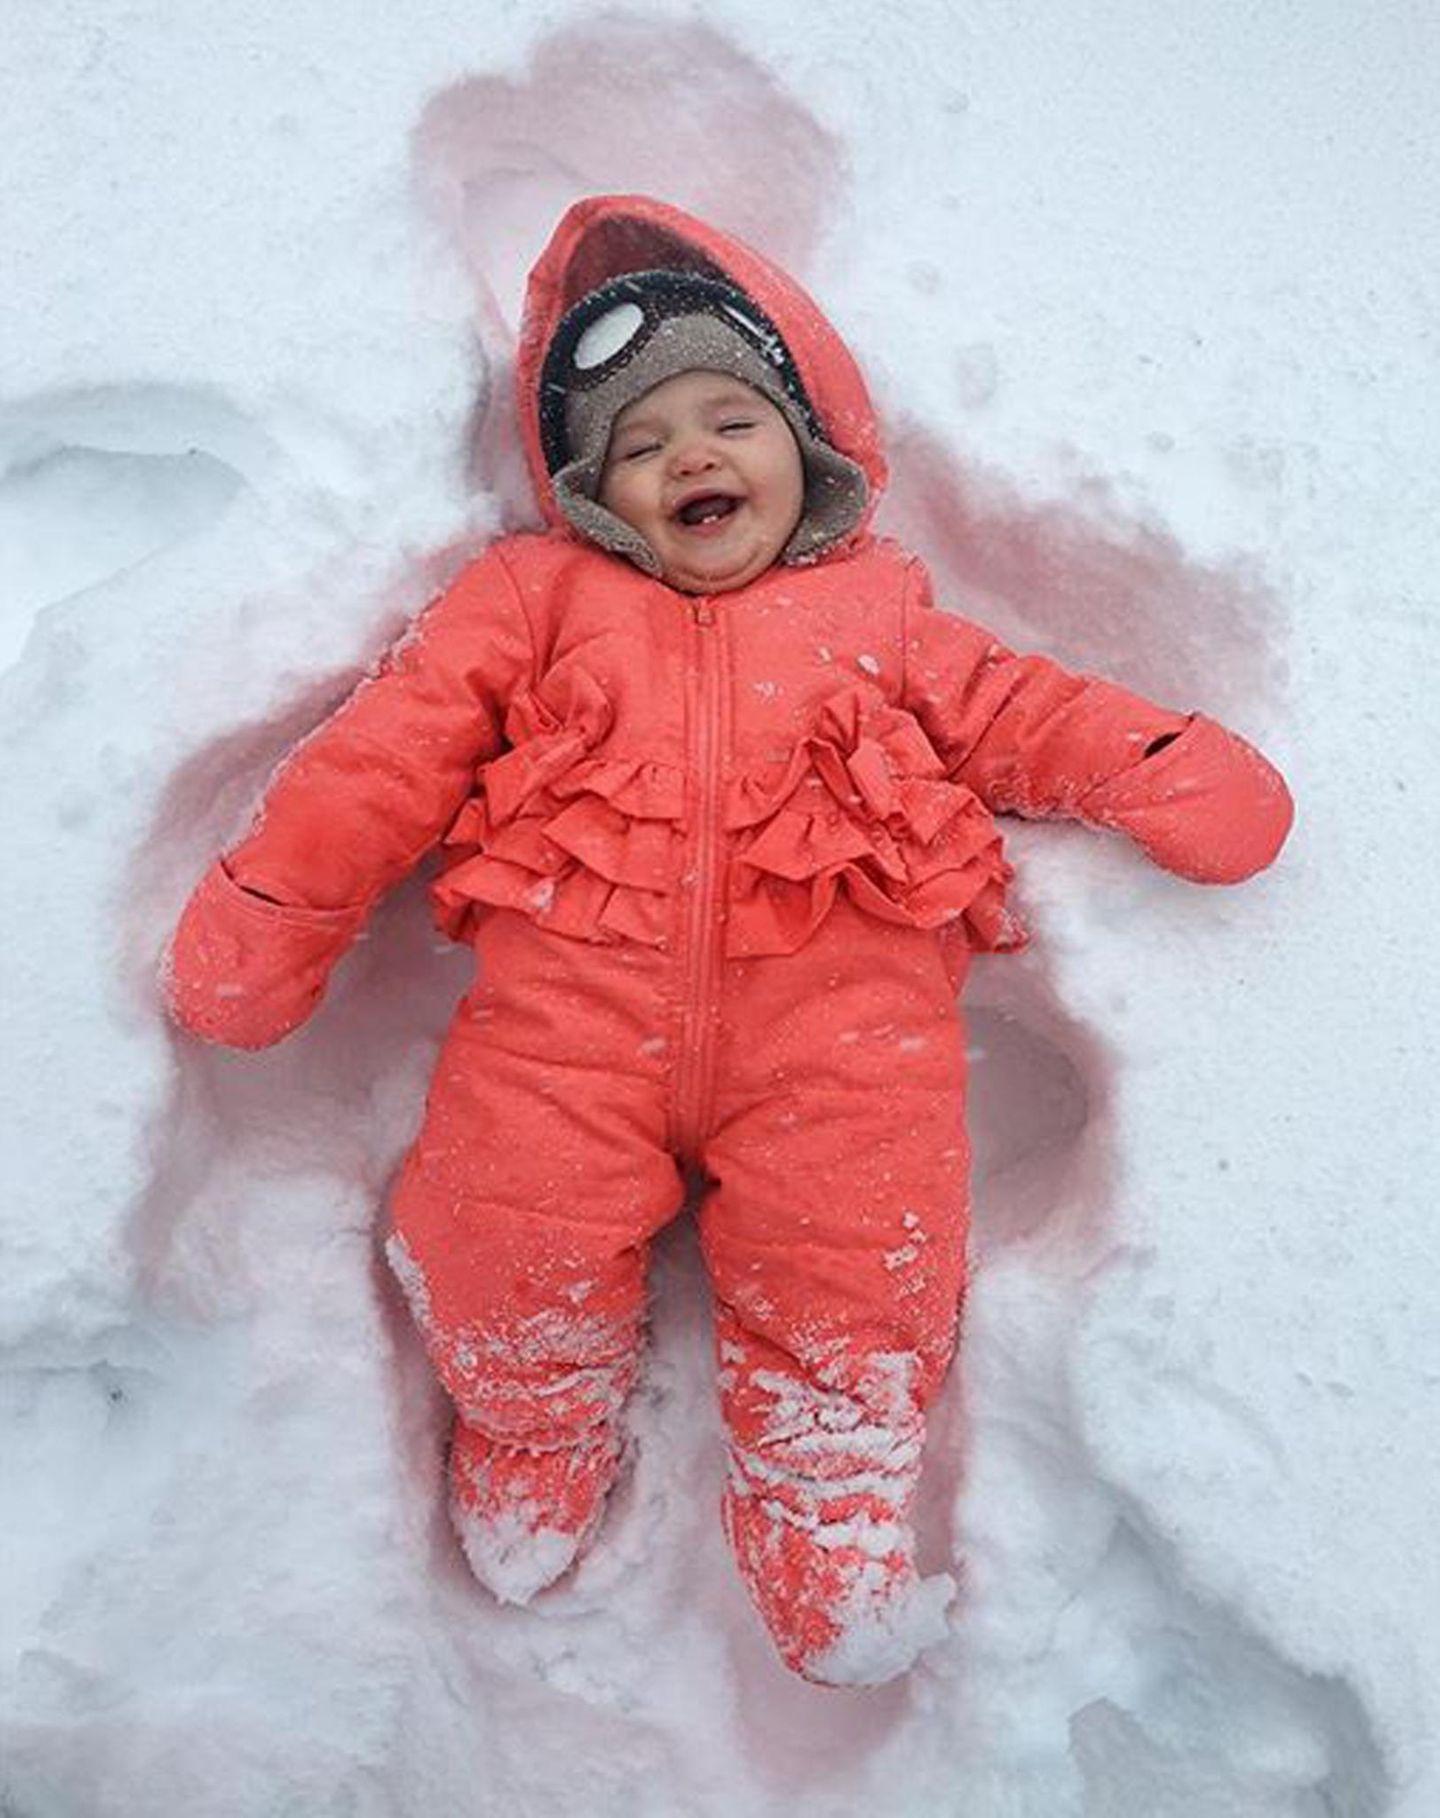 Model Coco Rocha zeigt Töchterchen Ioni James ihren ersten Schnee. Der Kleinen scheint's zu gefallen.